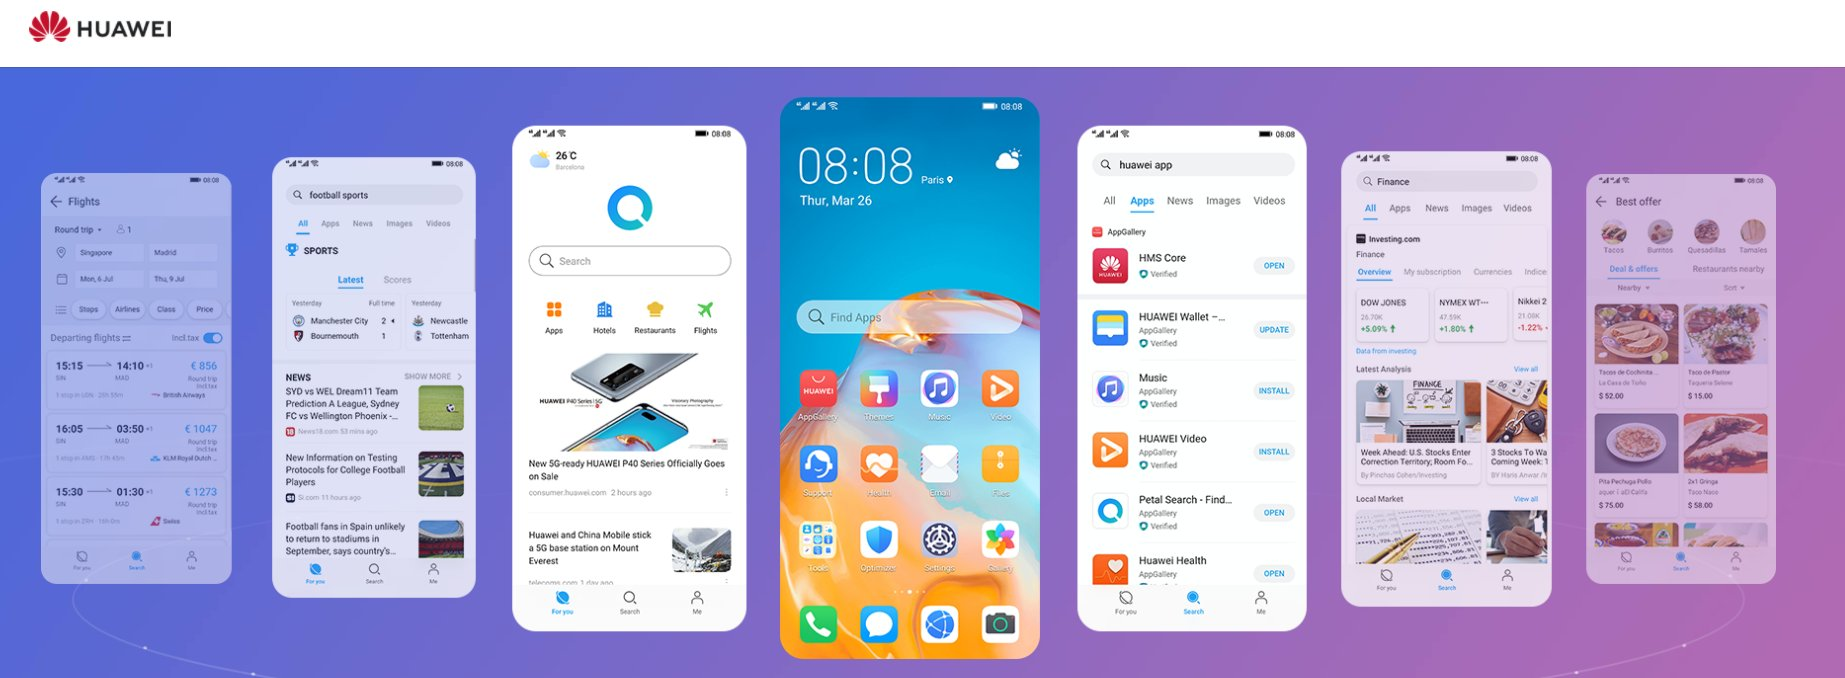 Petal Search de Huawei amplía sus posibilidades de búsqueda para impulsar el desarrollo de negocio de las empresas colaboradoras